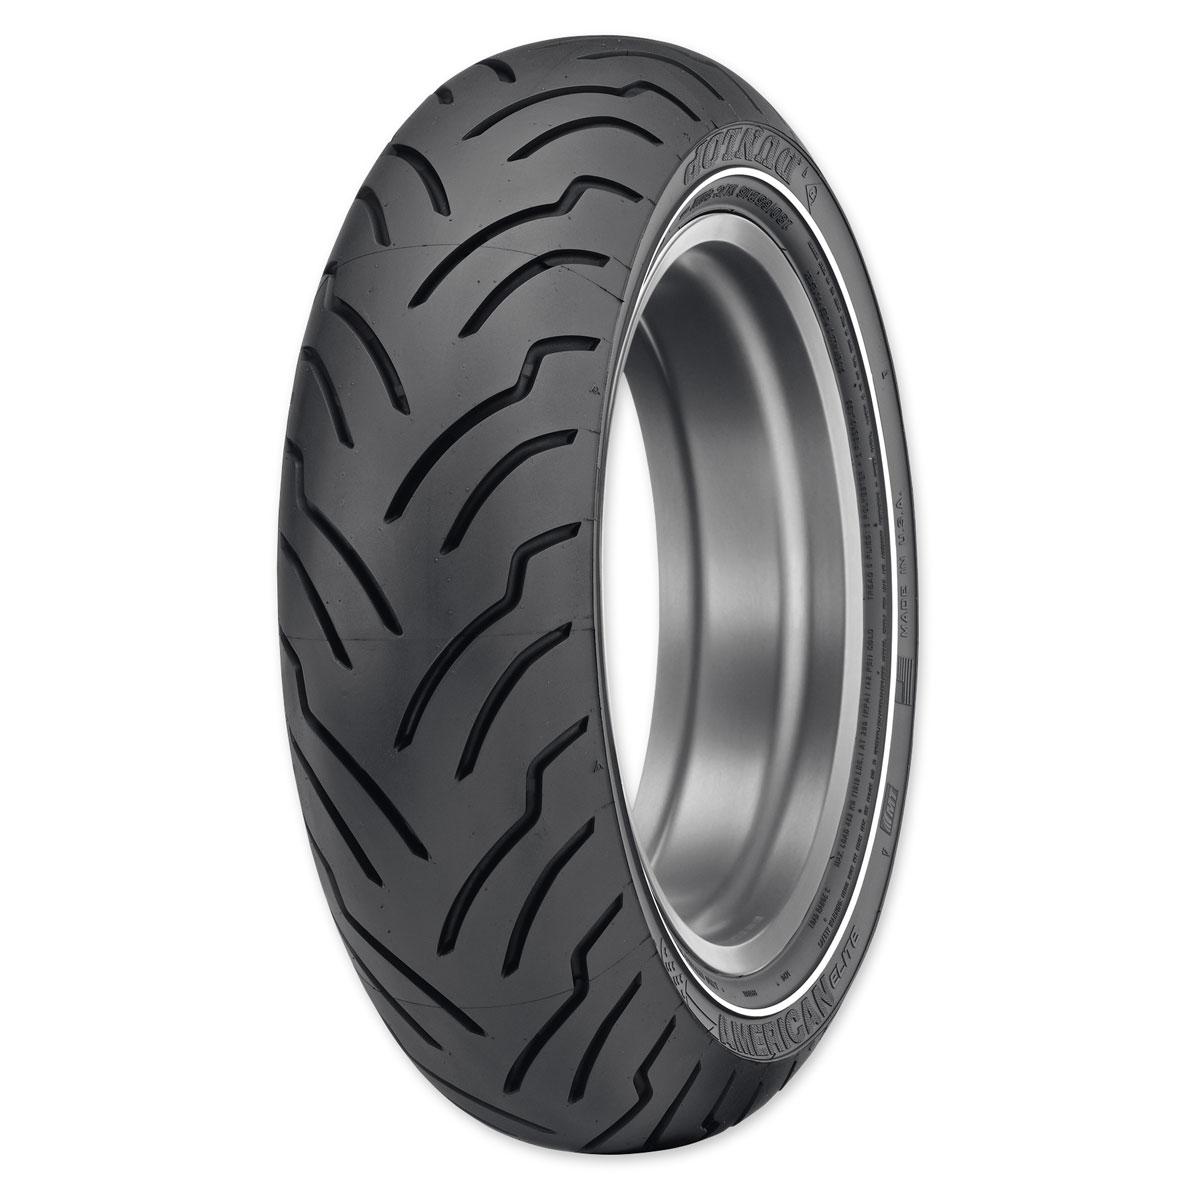 Dunlop American Elite MU85B16 77H Narrow White Stripe Rear Tire